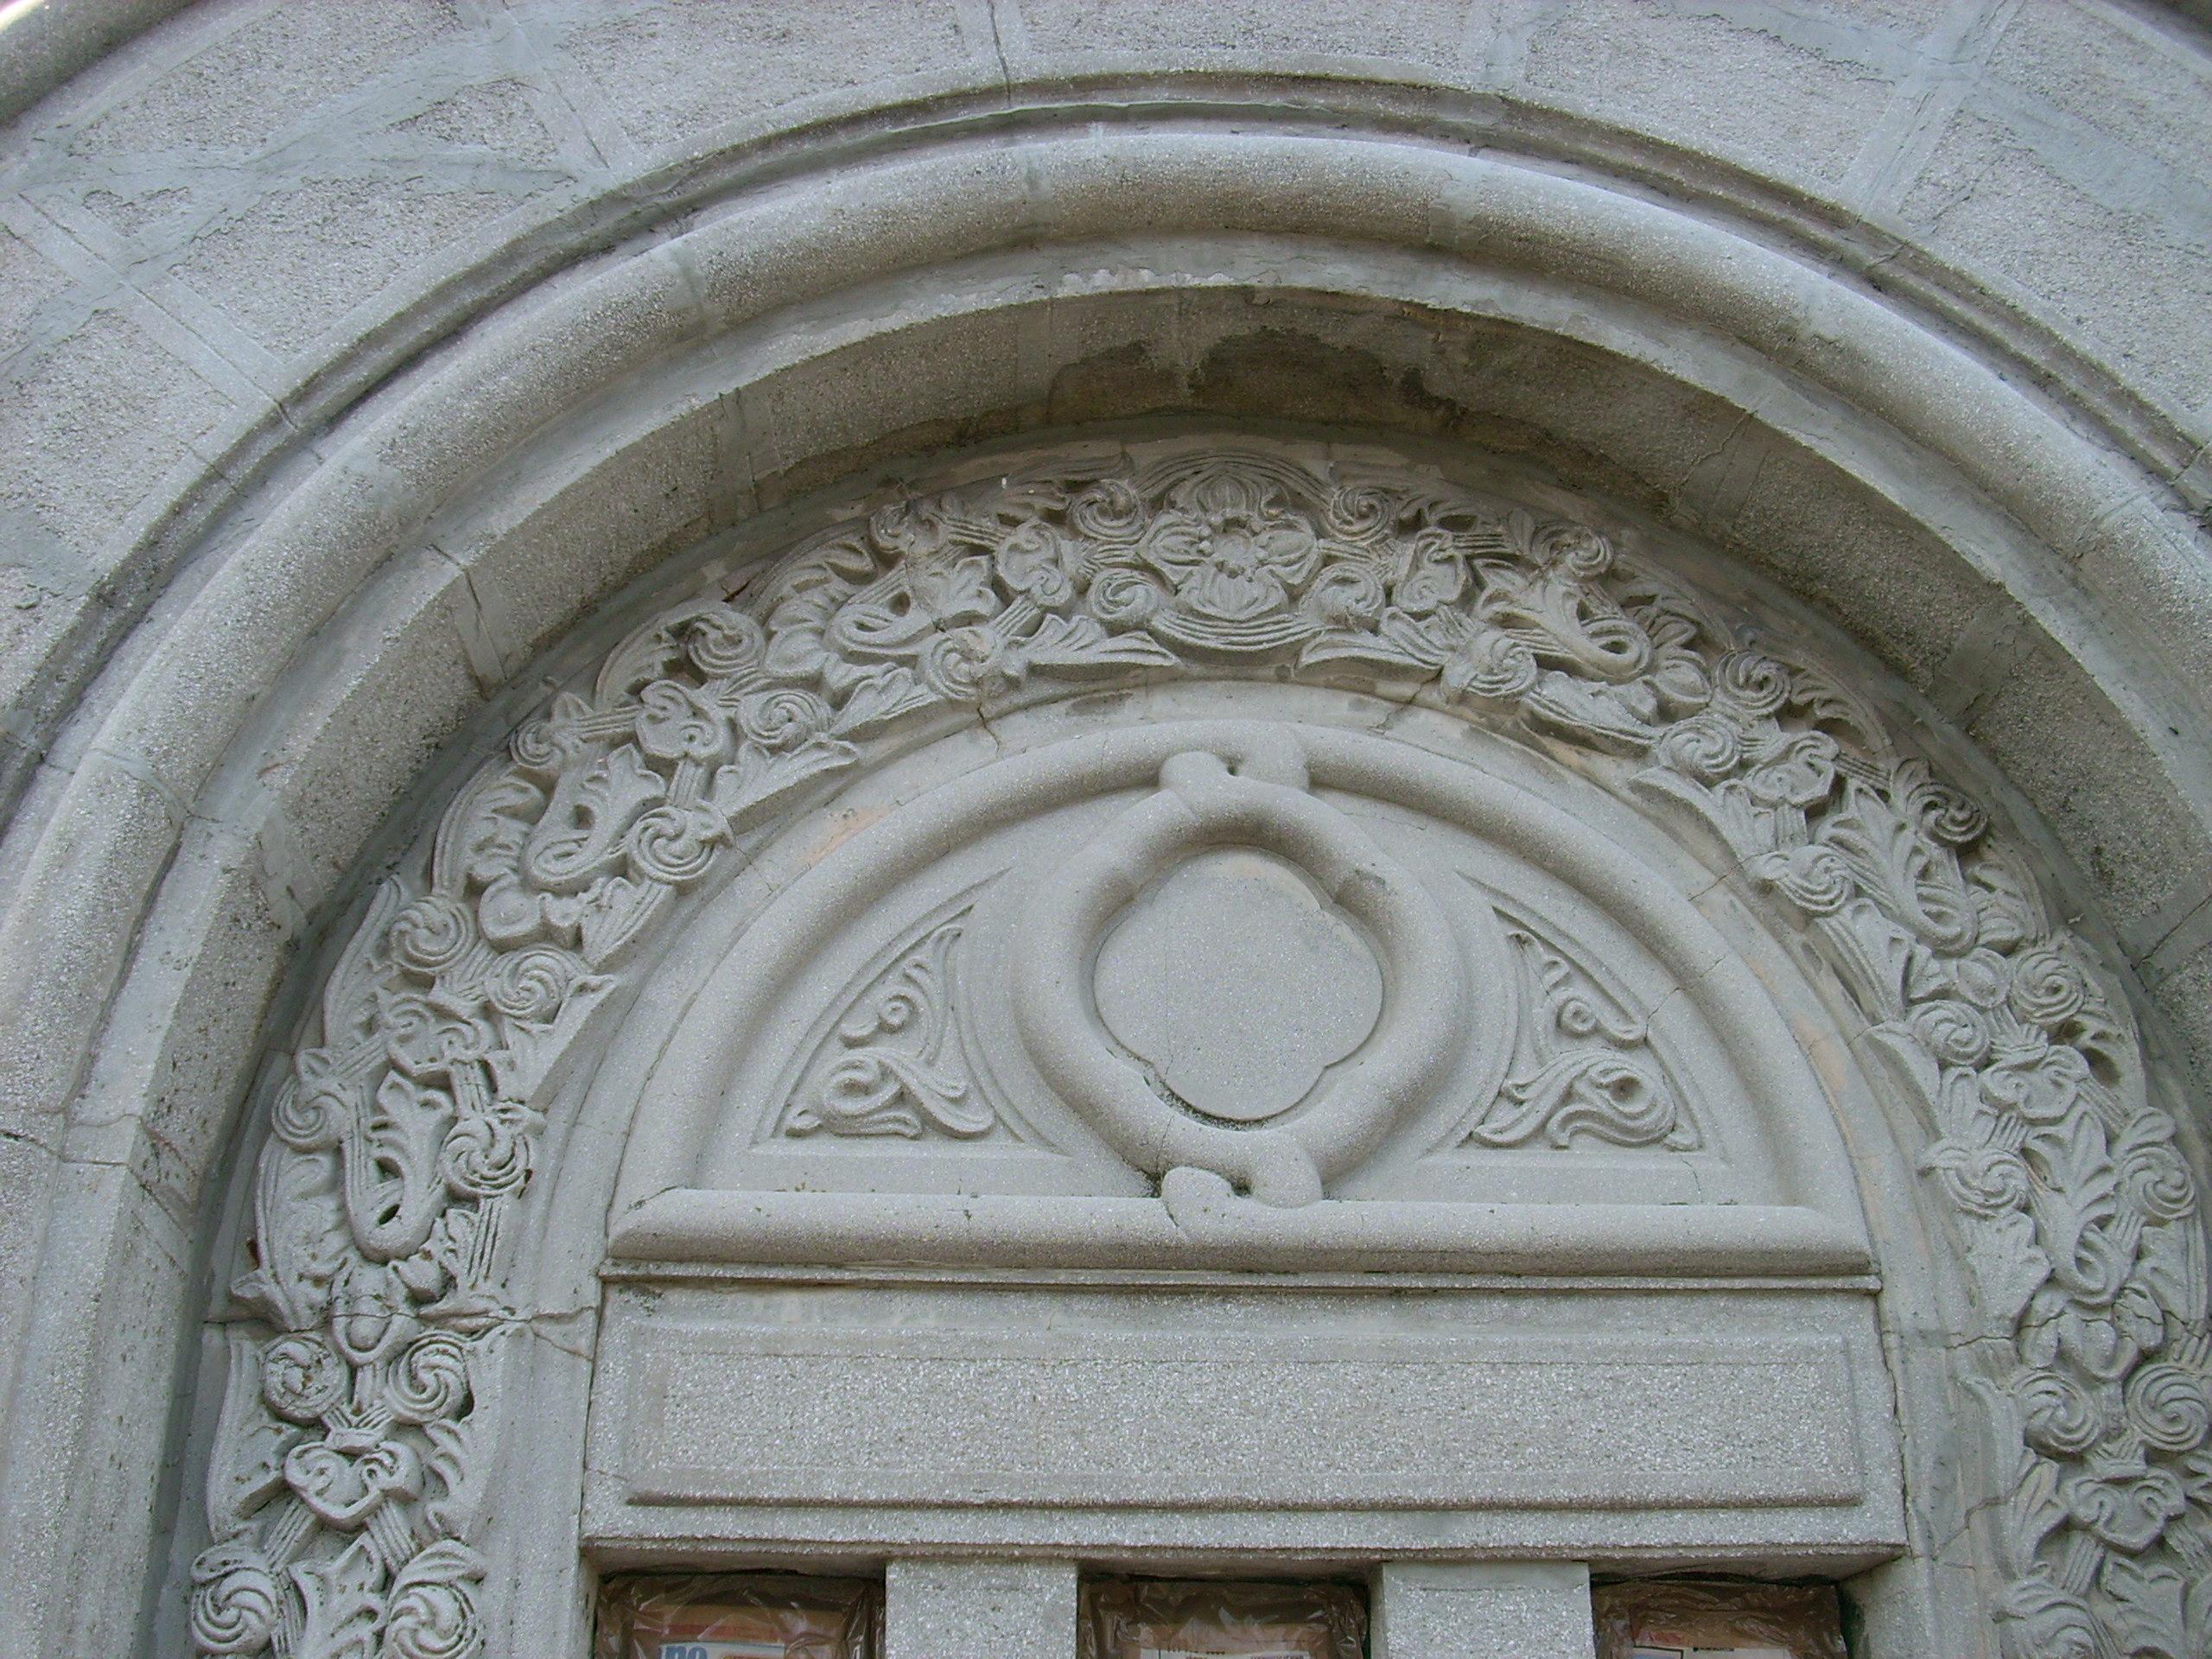 Aplicarea tratamentelor de impermeabilizare - Monument funerar UNICO PROFIT - Poza 16